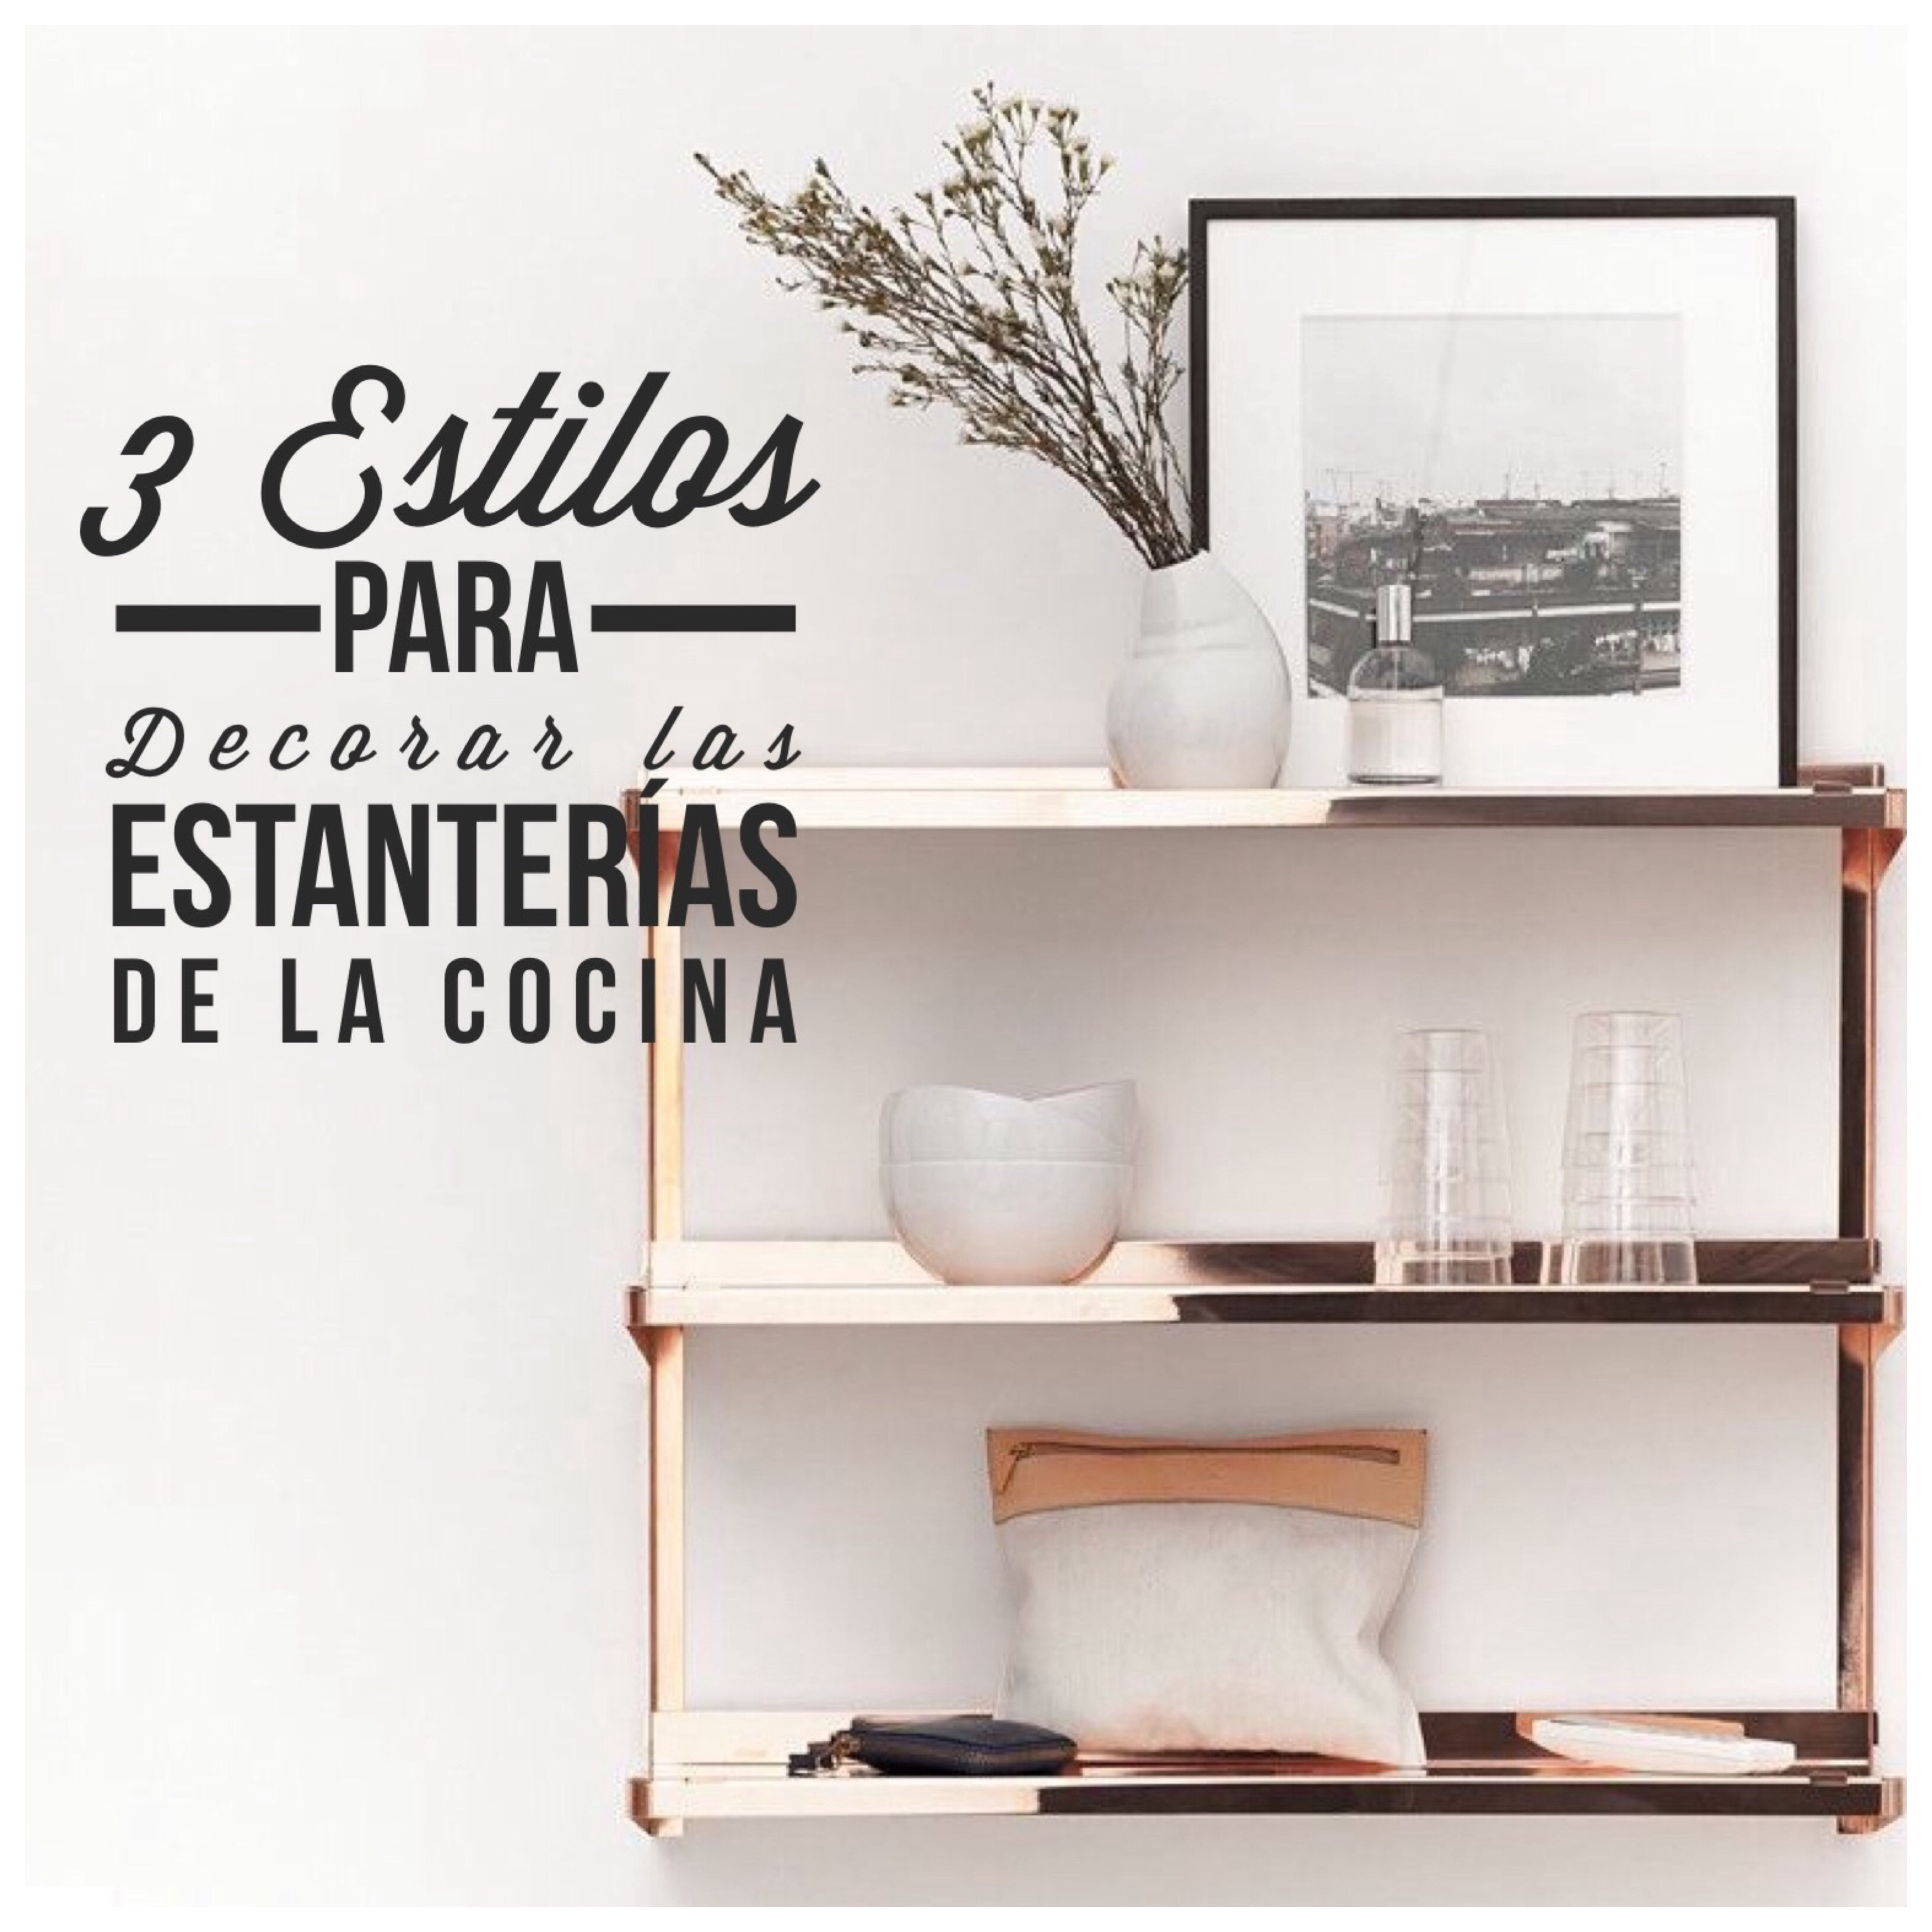 las estanteras abiertas son ideales para exponer y almacenar los utensilios de cocina de una forma muy decorativa sin necesidad de realizar grandes